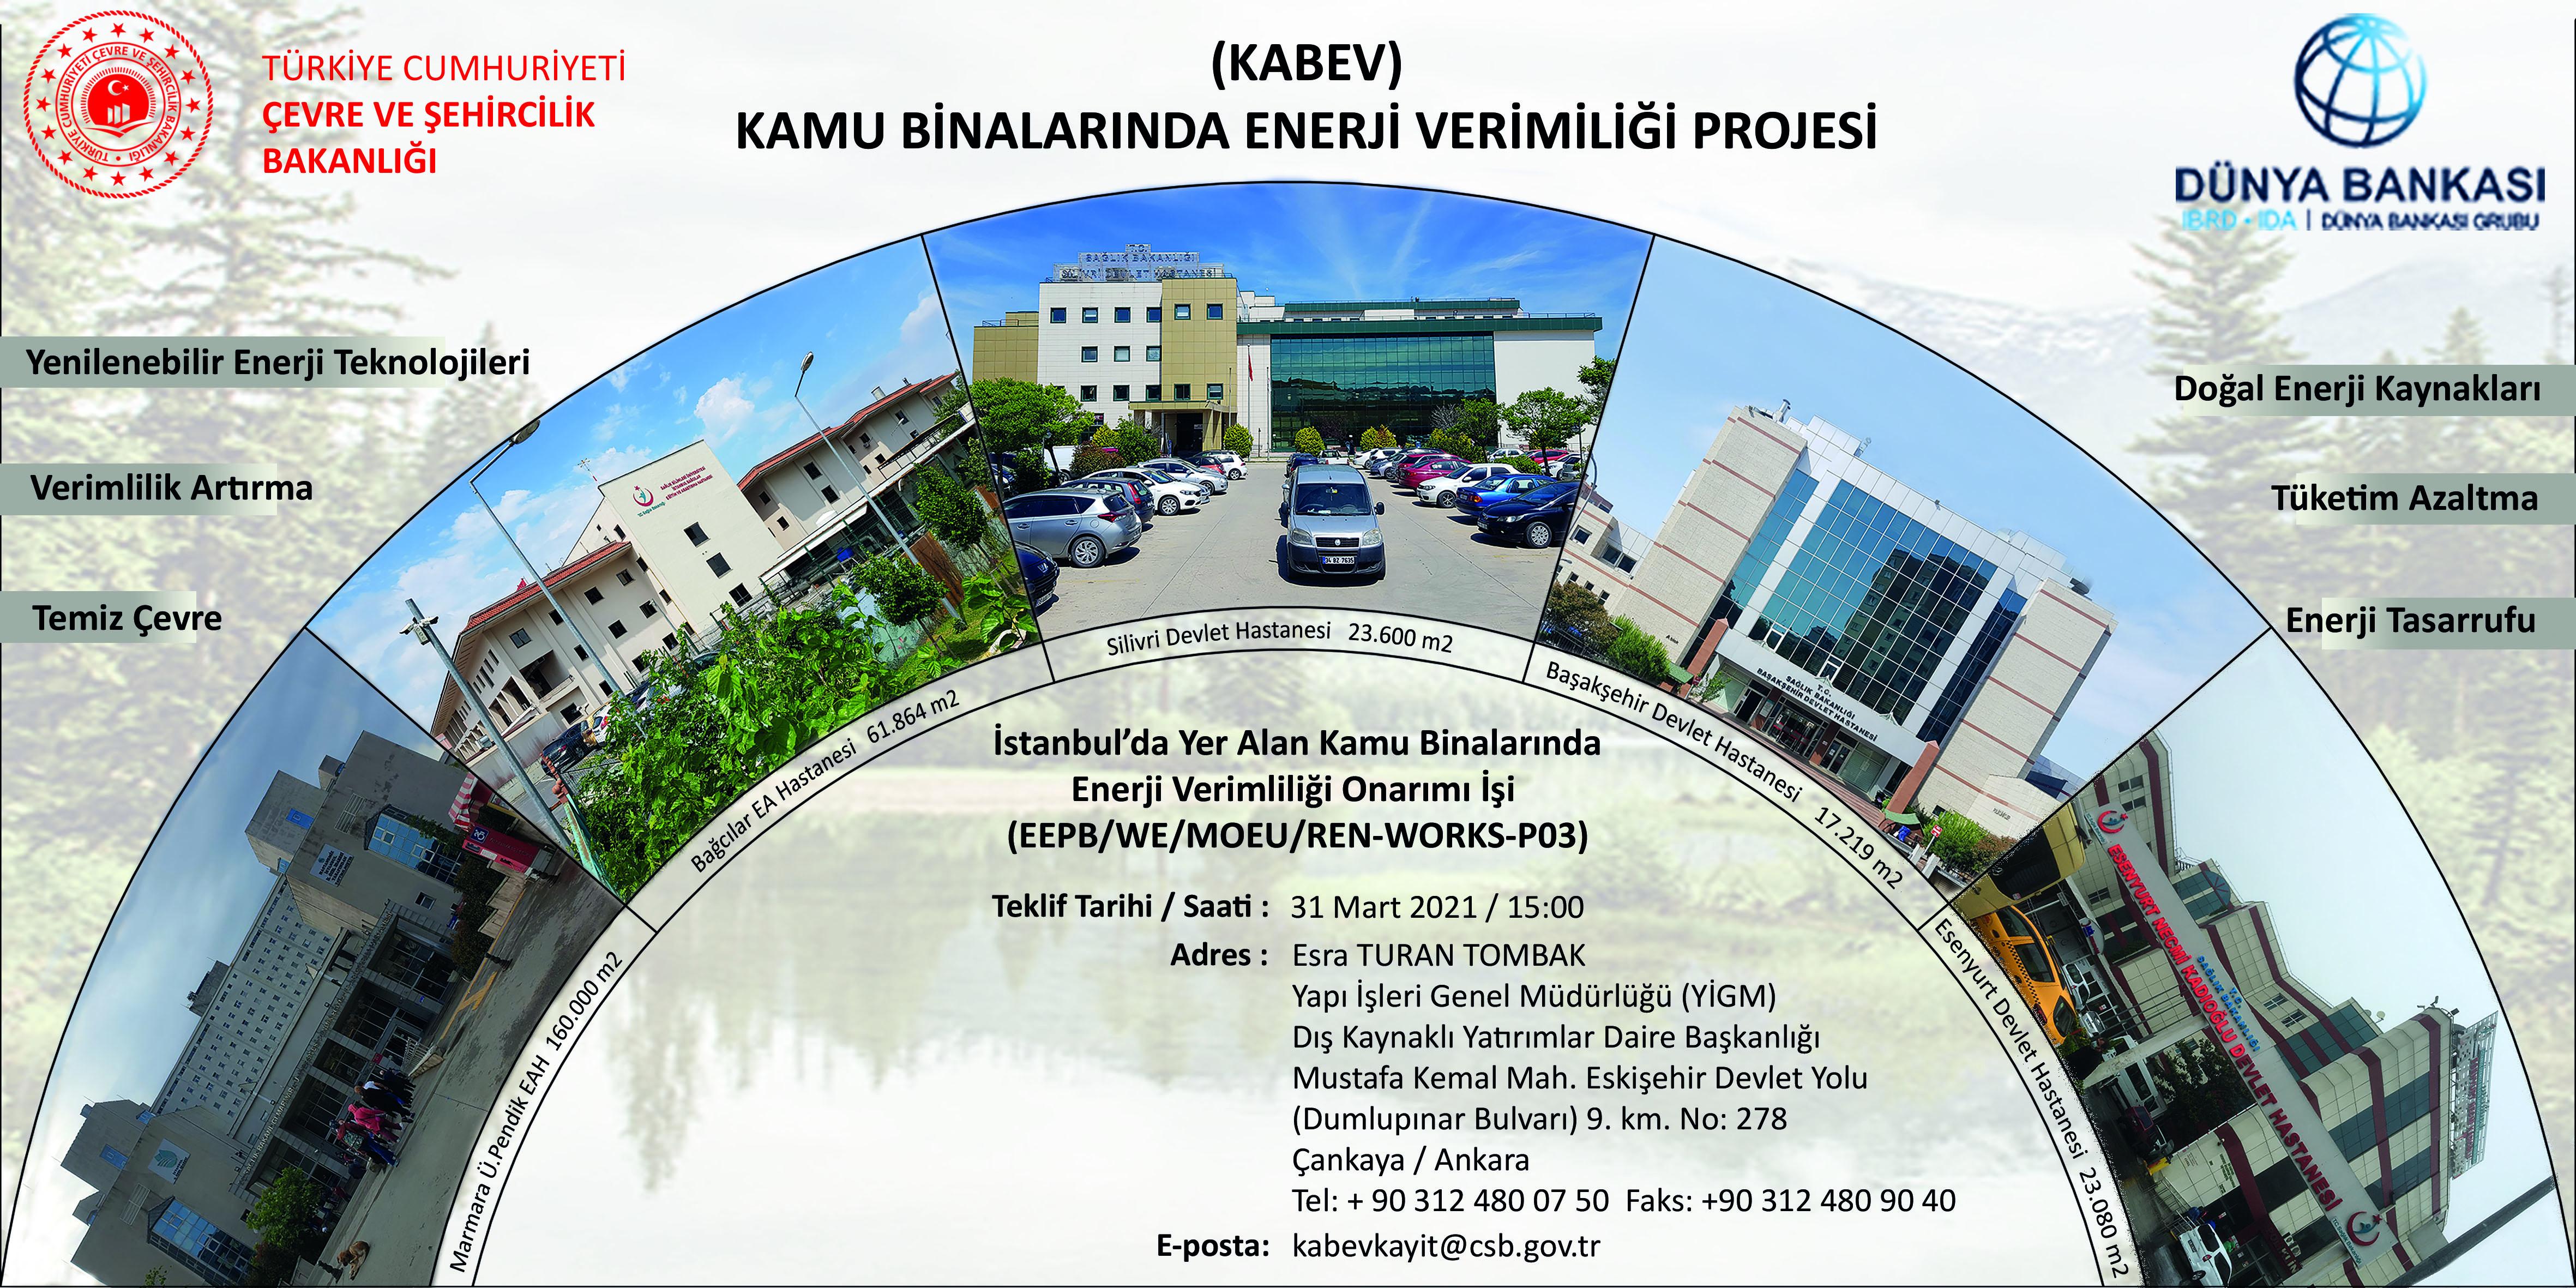 İstanbul'da Yer Alan Kamu Binalarında Enerji Verimliliği Onarımı İşi (EEPB/WB/MOEU/REN-WORKS-P03)